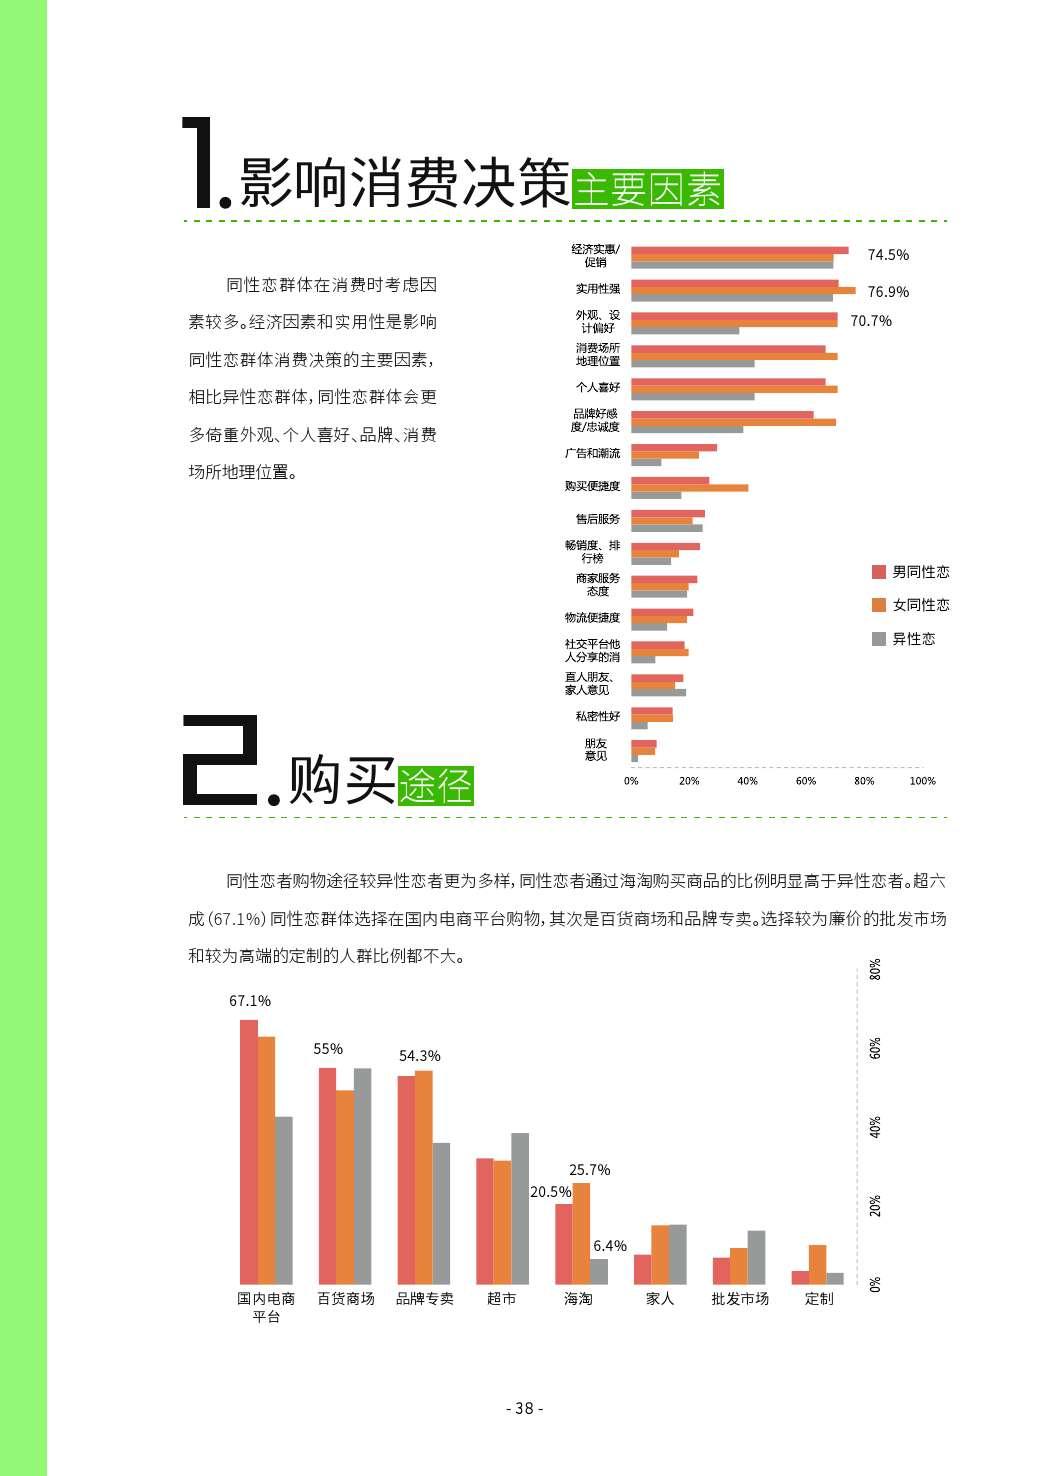 第二届中国LGBT群体消费调查报告_000038